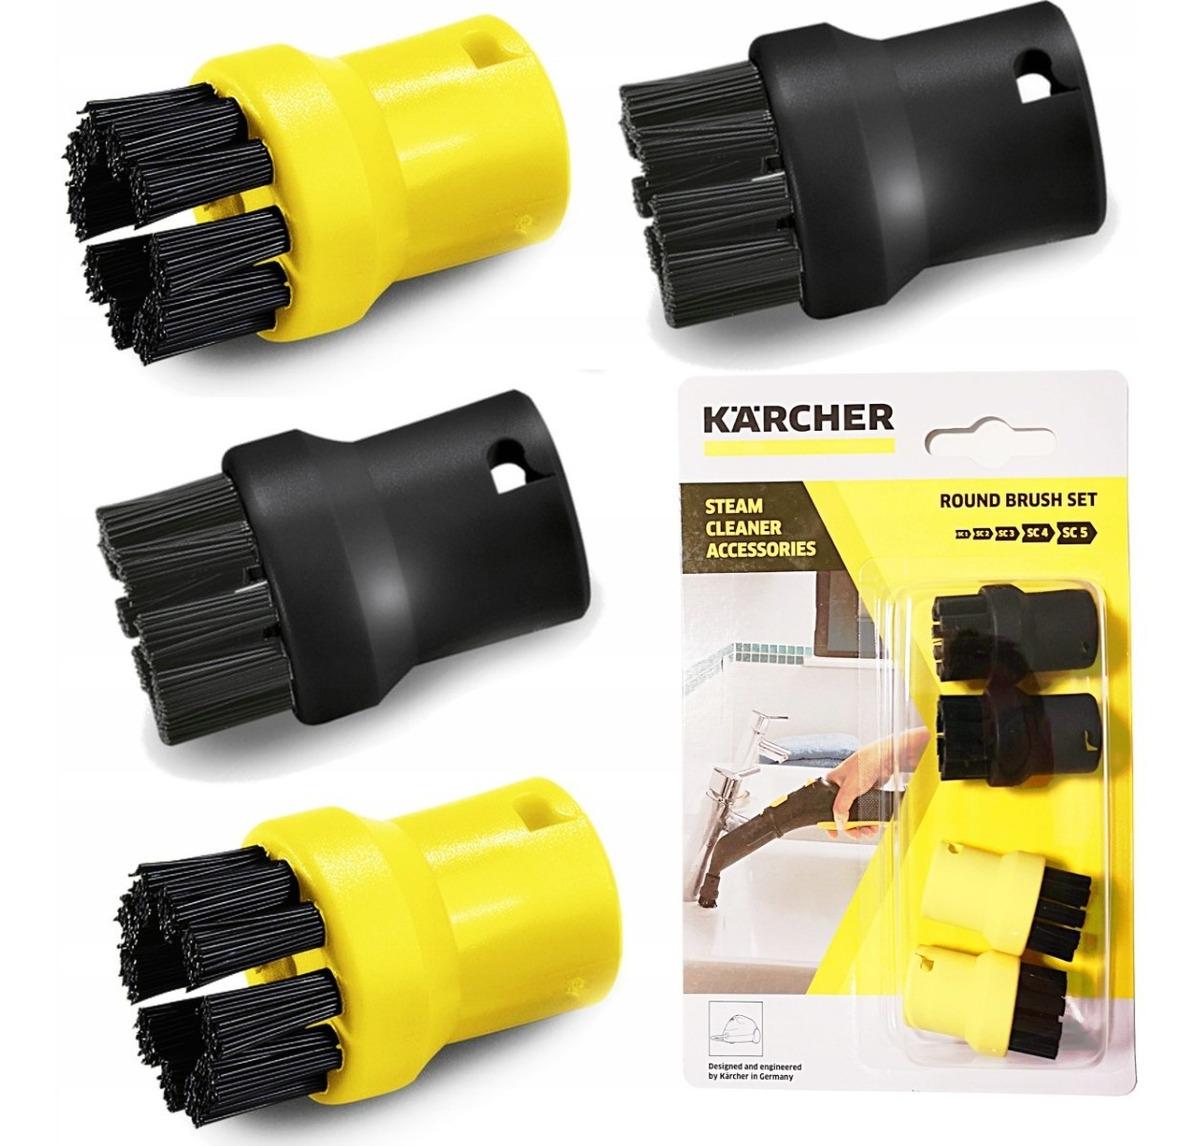 4 un. K/ärcher Kit de cepillos redondos 2.863-264.0